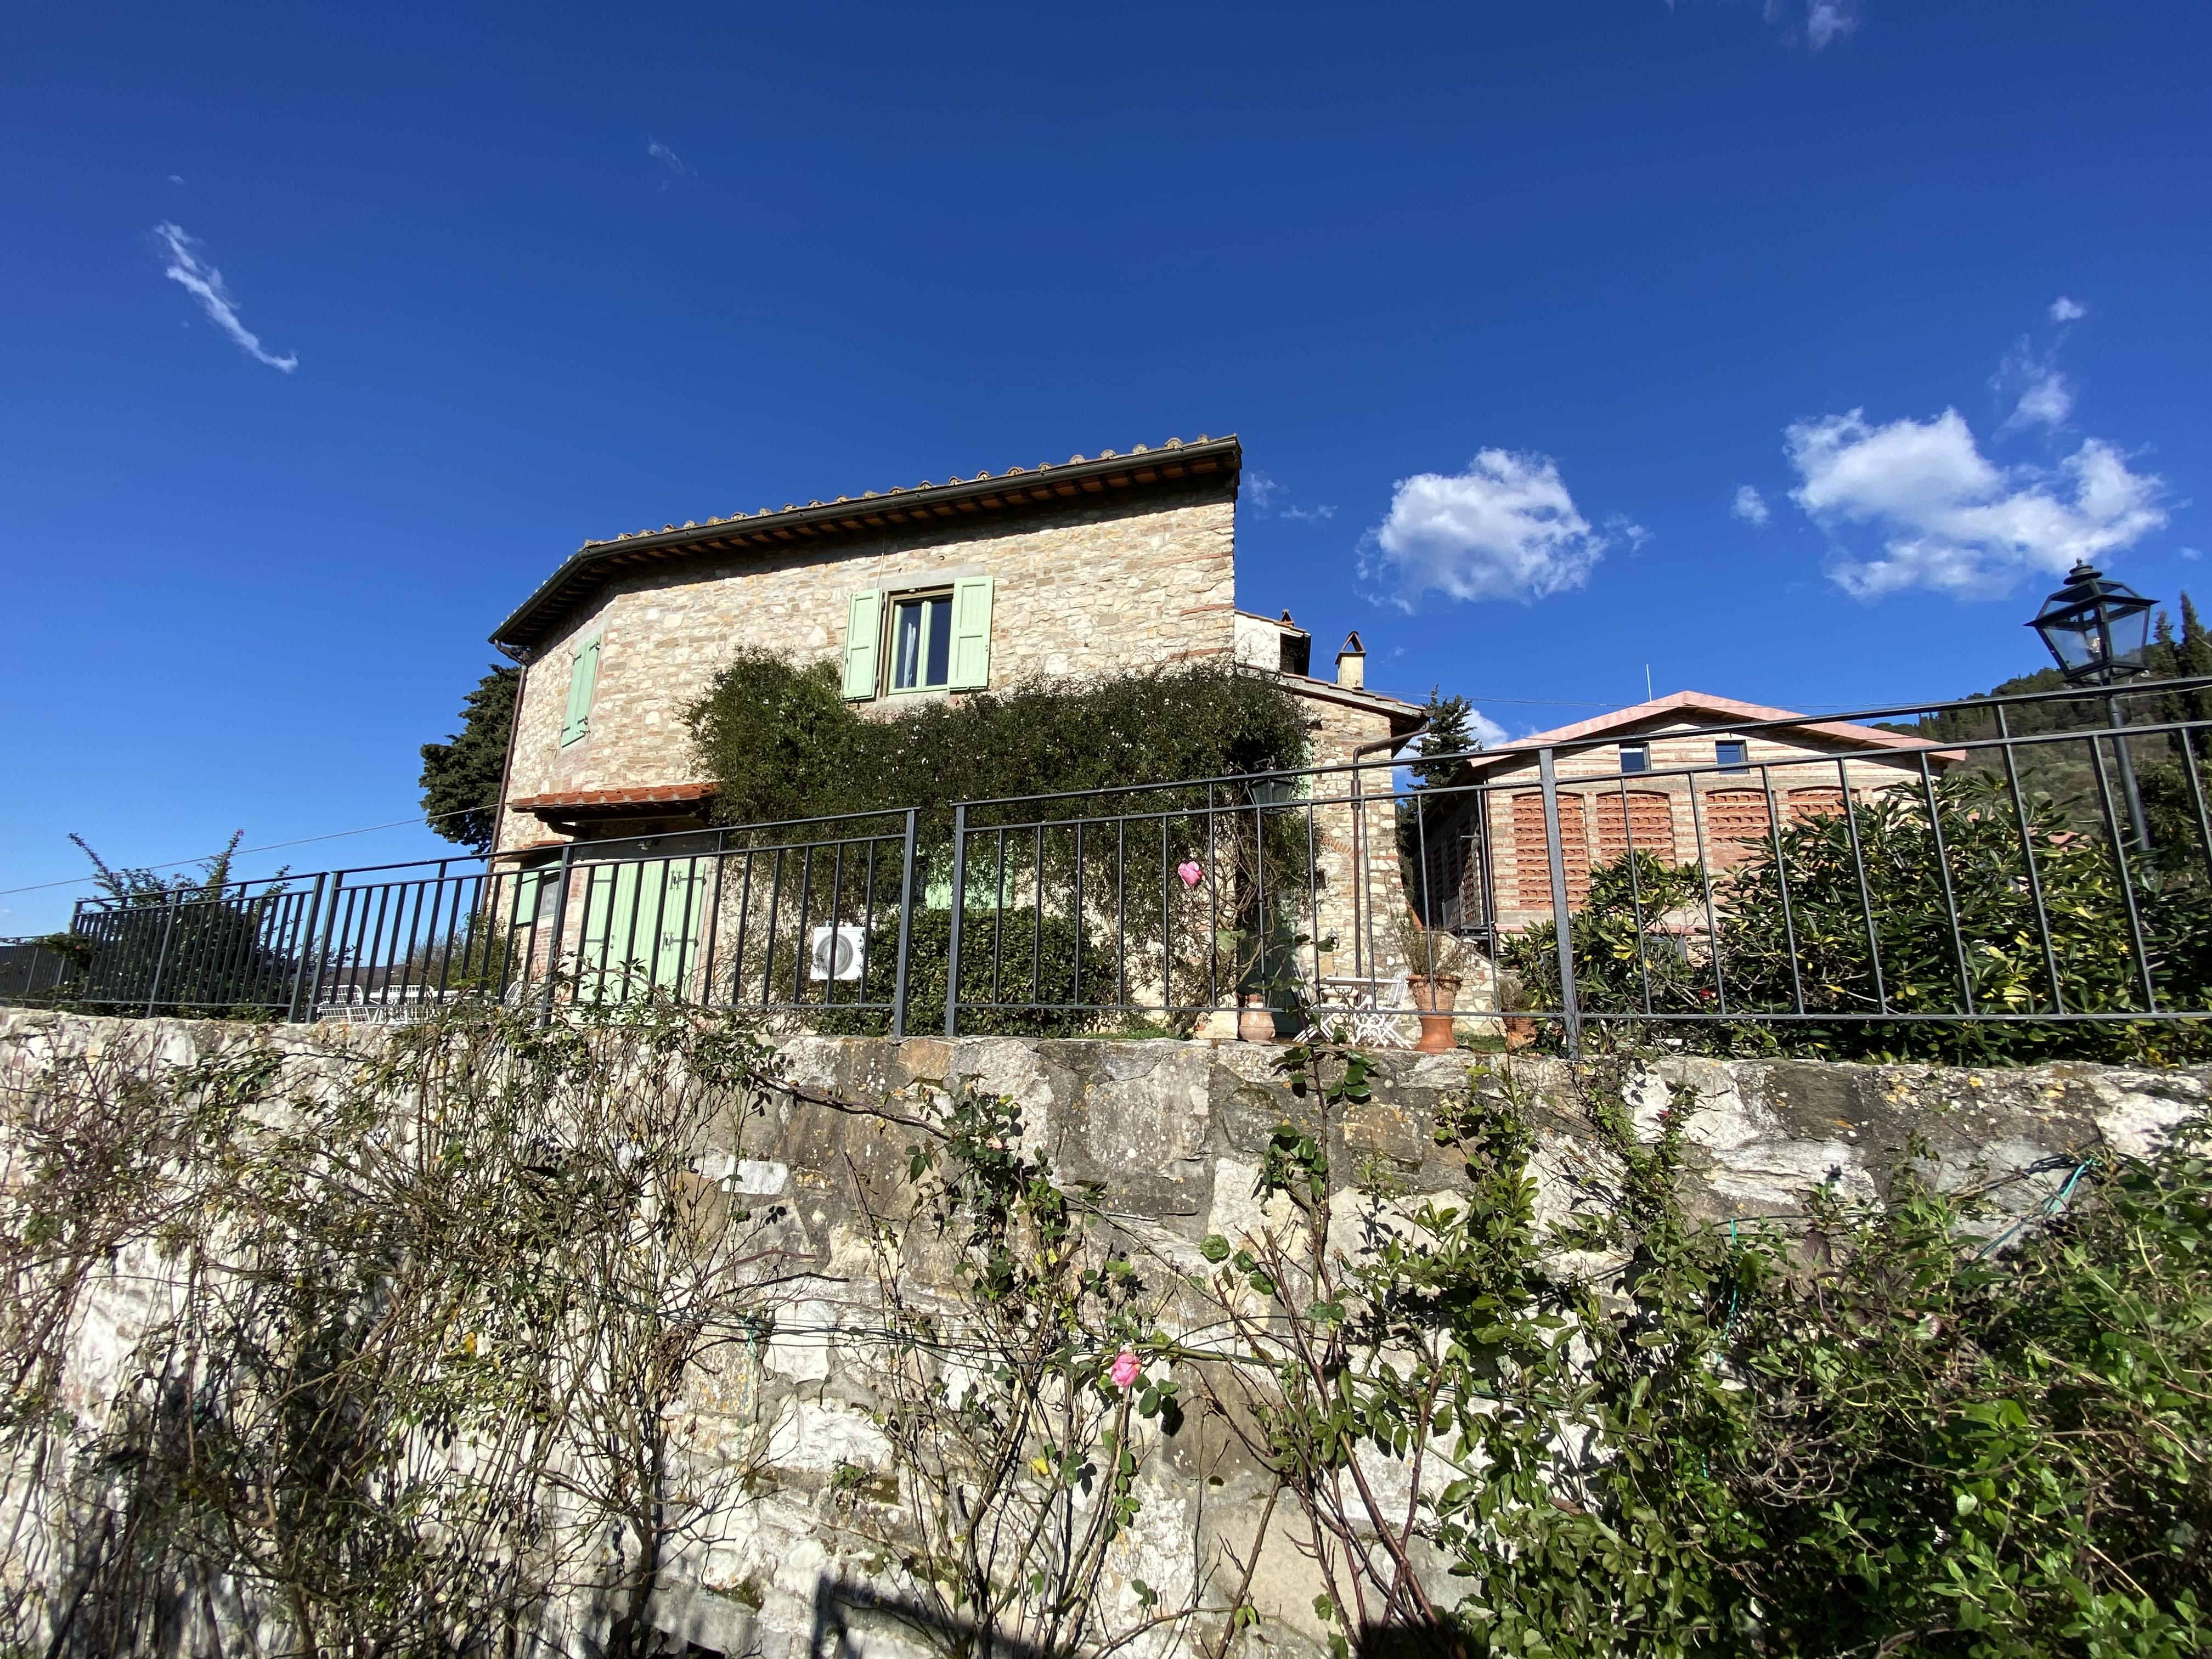 Ferienwohnung in der Toskana